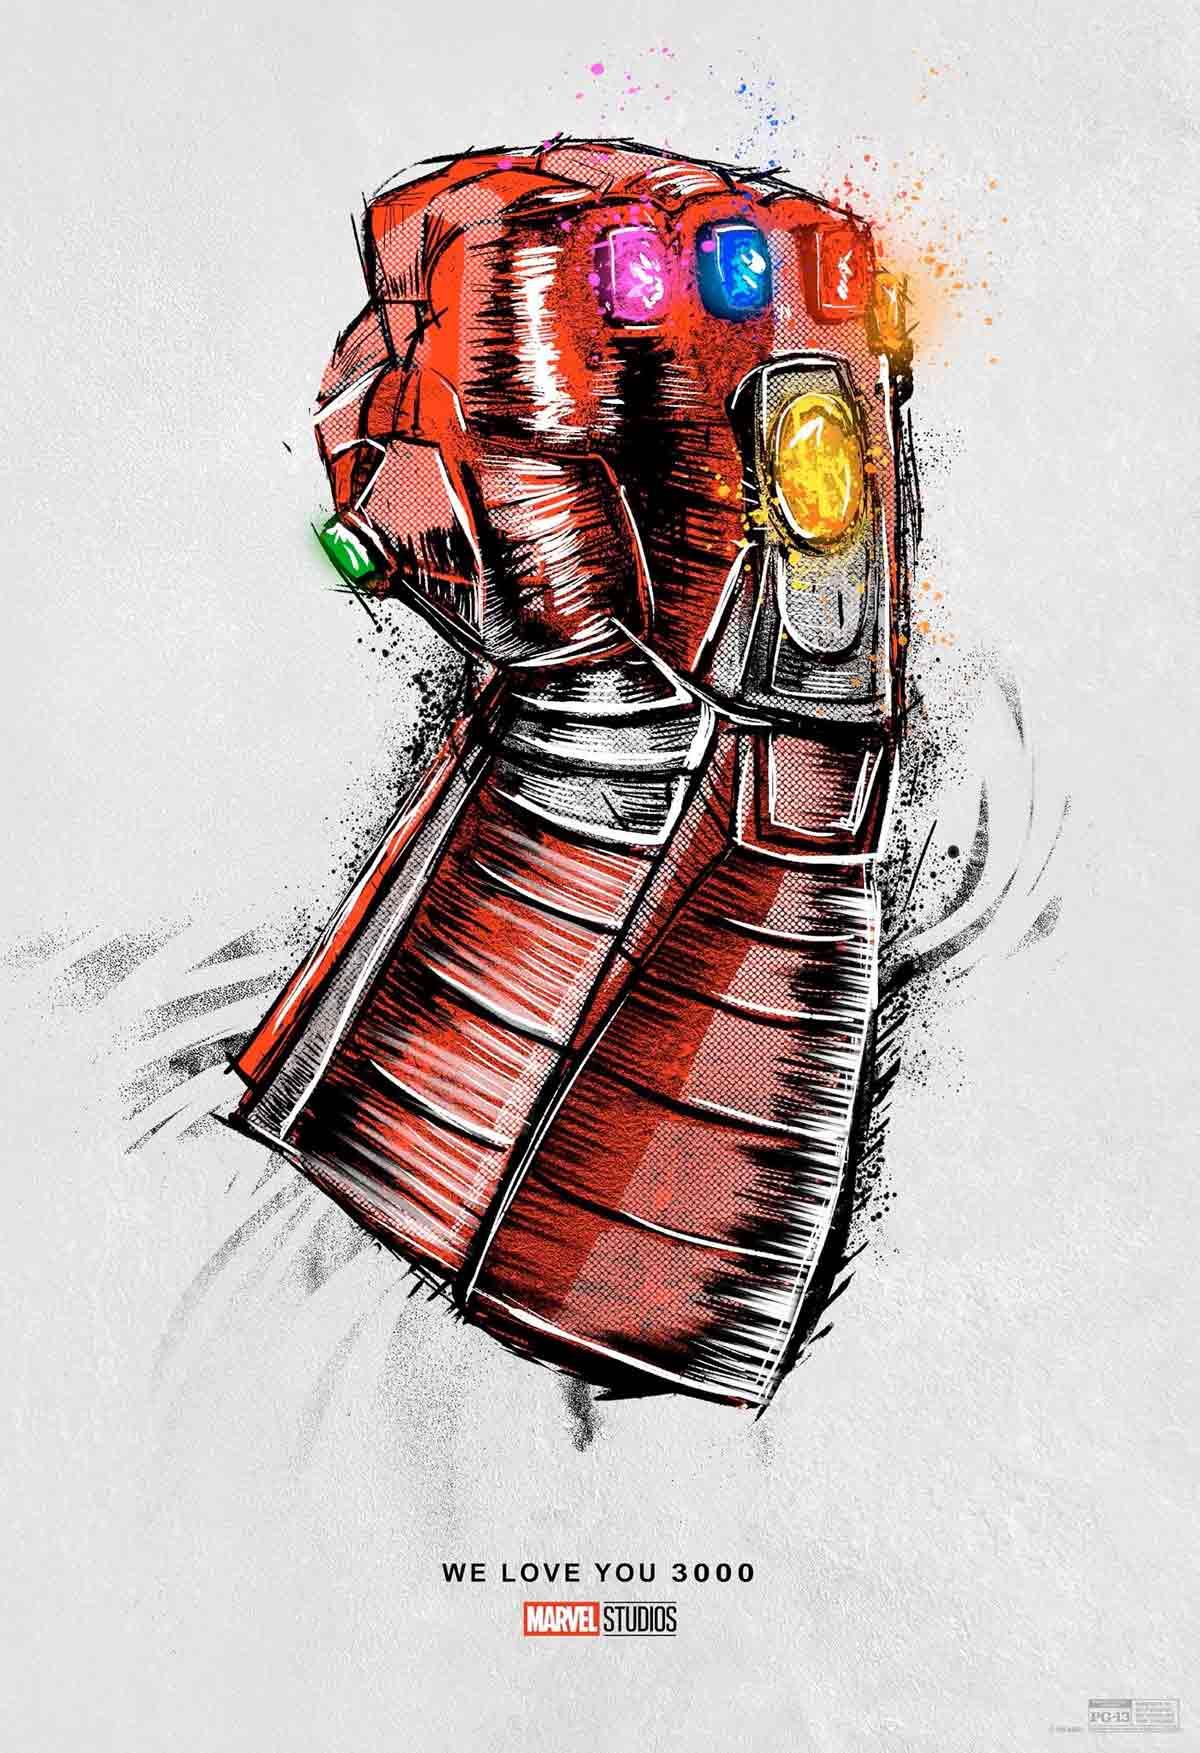 Filtran lo que han añadido en Vengadores: Endgame para su reestreno